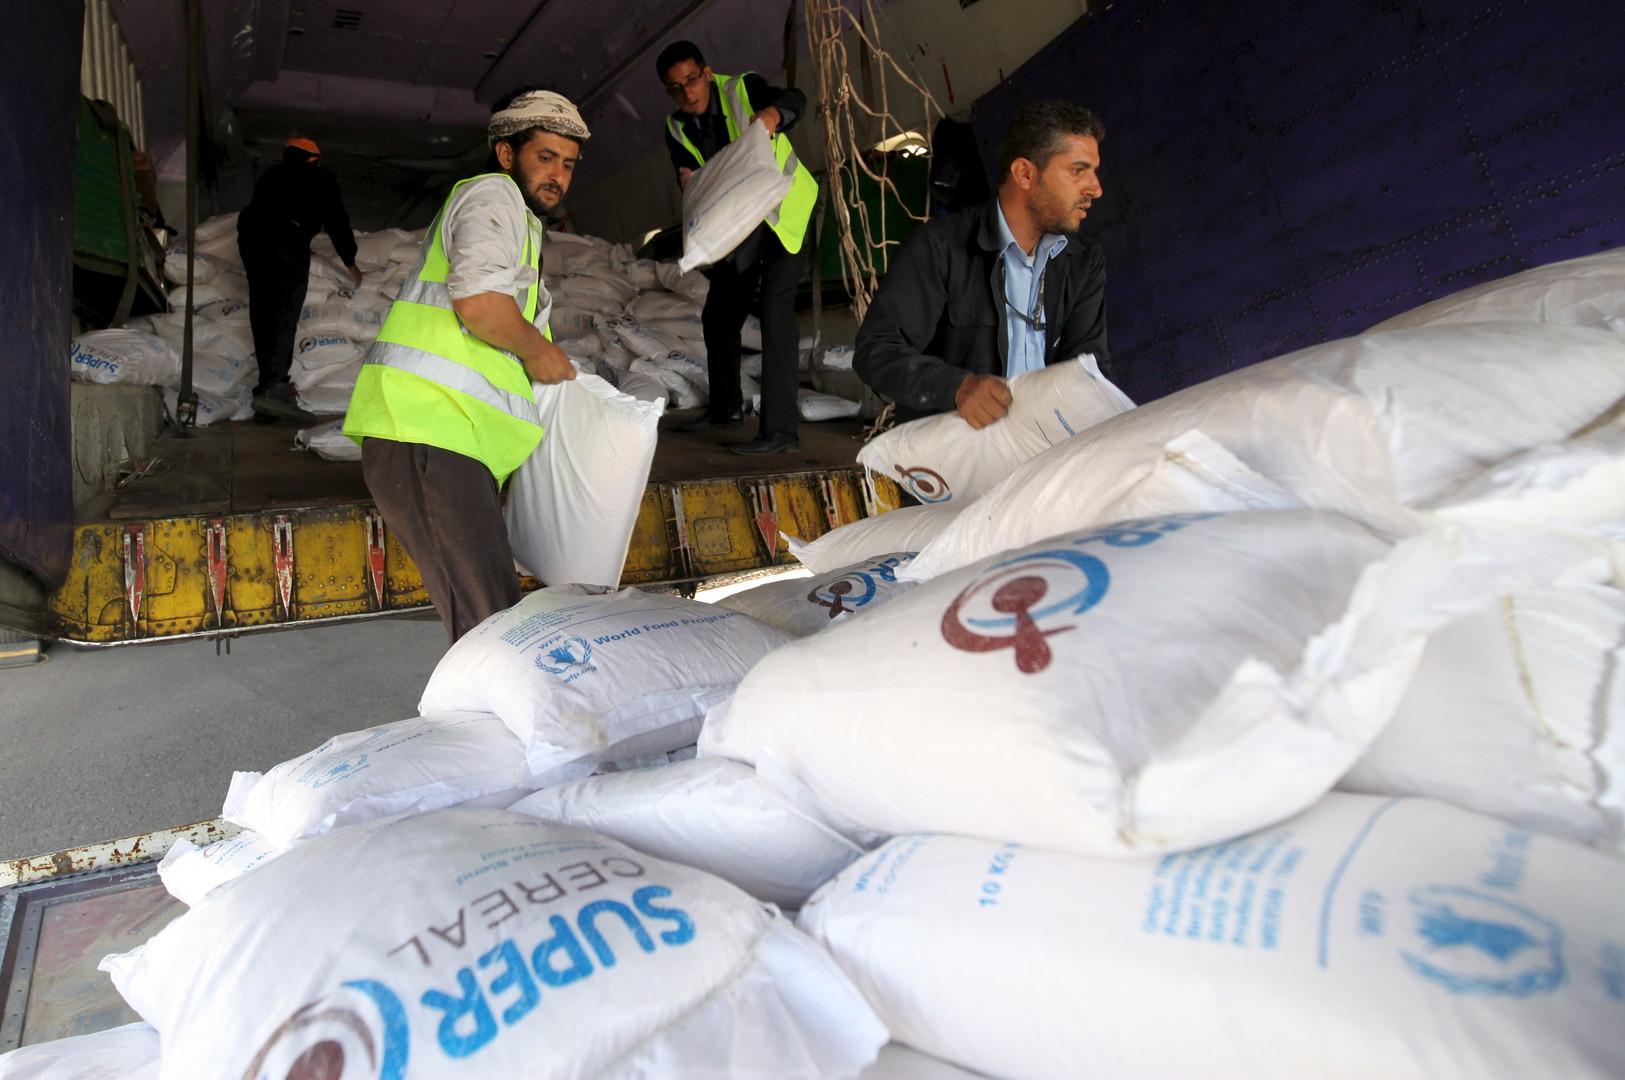 اتفاق بين برنامج الغذاء العالمي والحوثيين على استئناف توزيع المساعدات